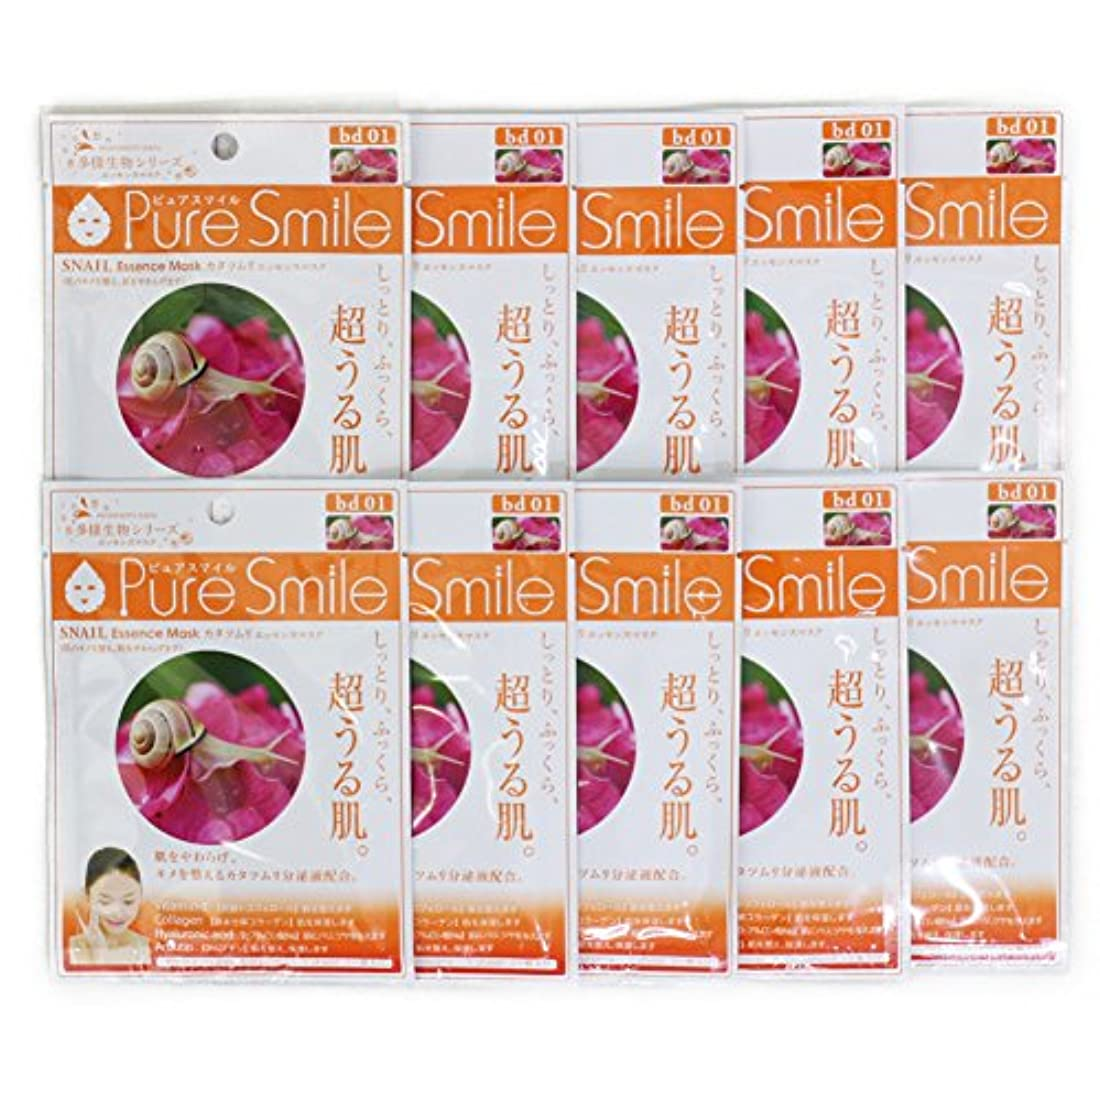 余裕がある東頂点Pure Smile ピュアスマイル 多様生物エッセンスマスク カタツムリ 10枚セット